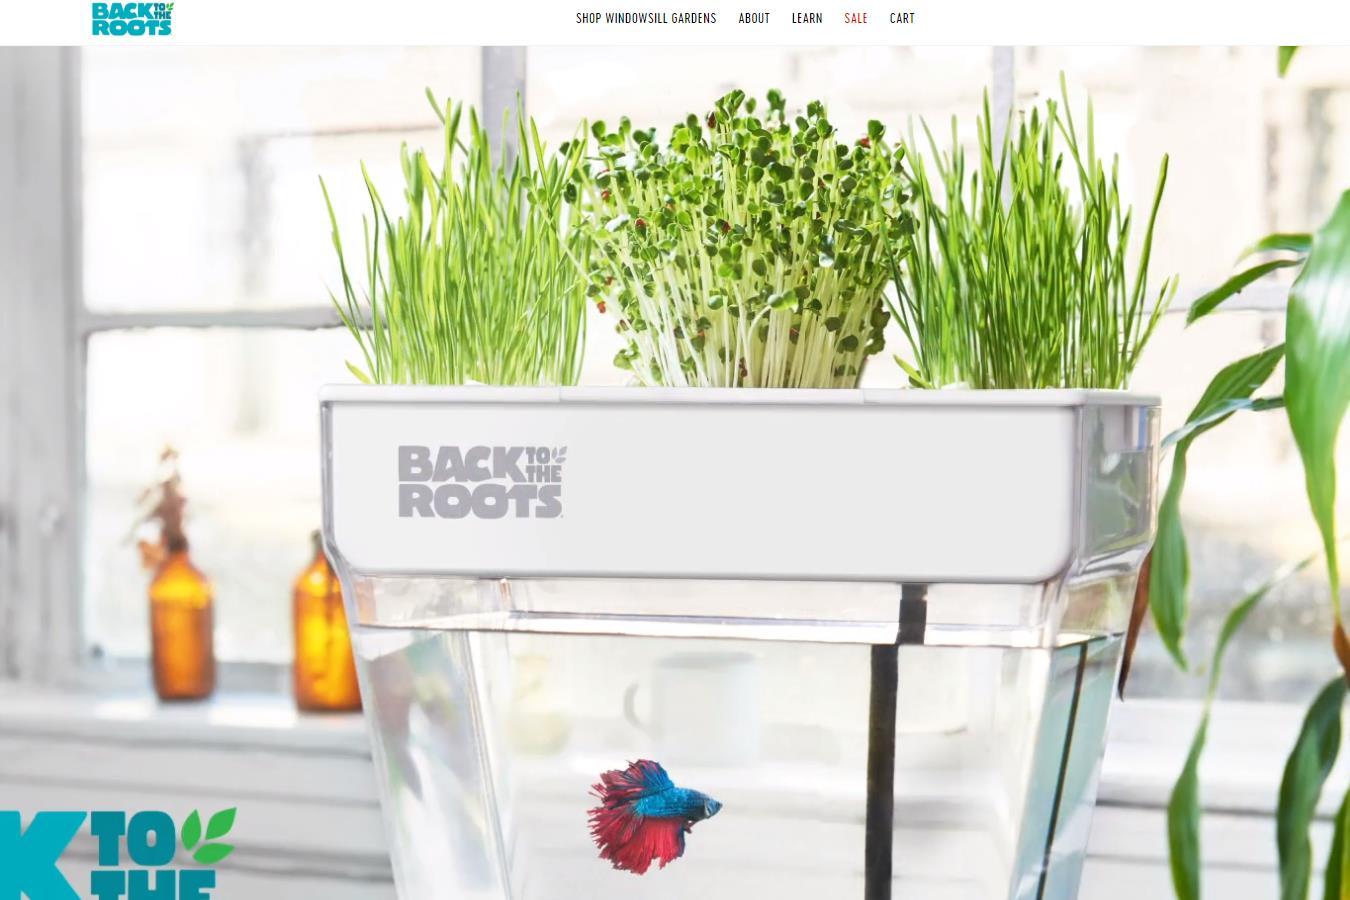 从种蘑菇起步,美国有机食品和家庭园艺初创公司 Back to the Roots 完成300万美元C轮融资